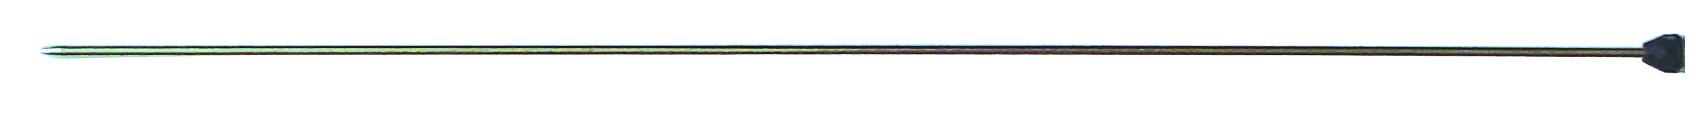 Tryska pro ofukovací pistoli, prodloužená 415 mm, rovná